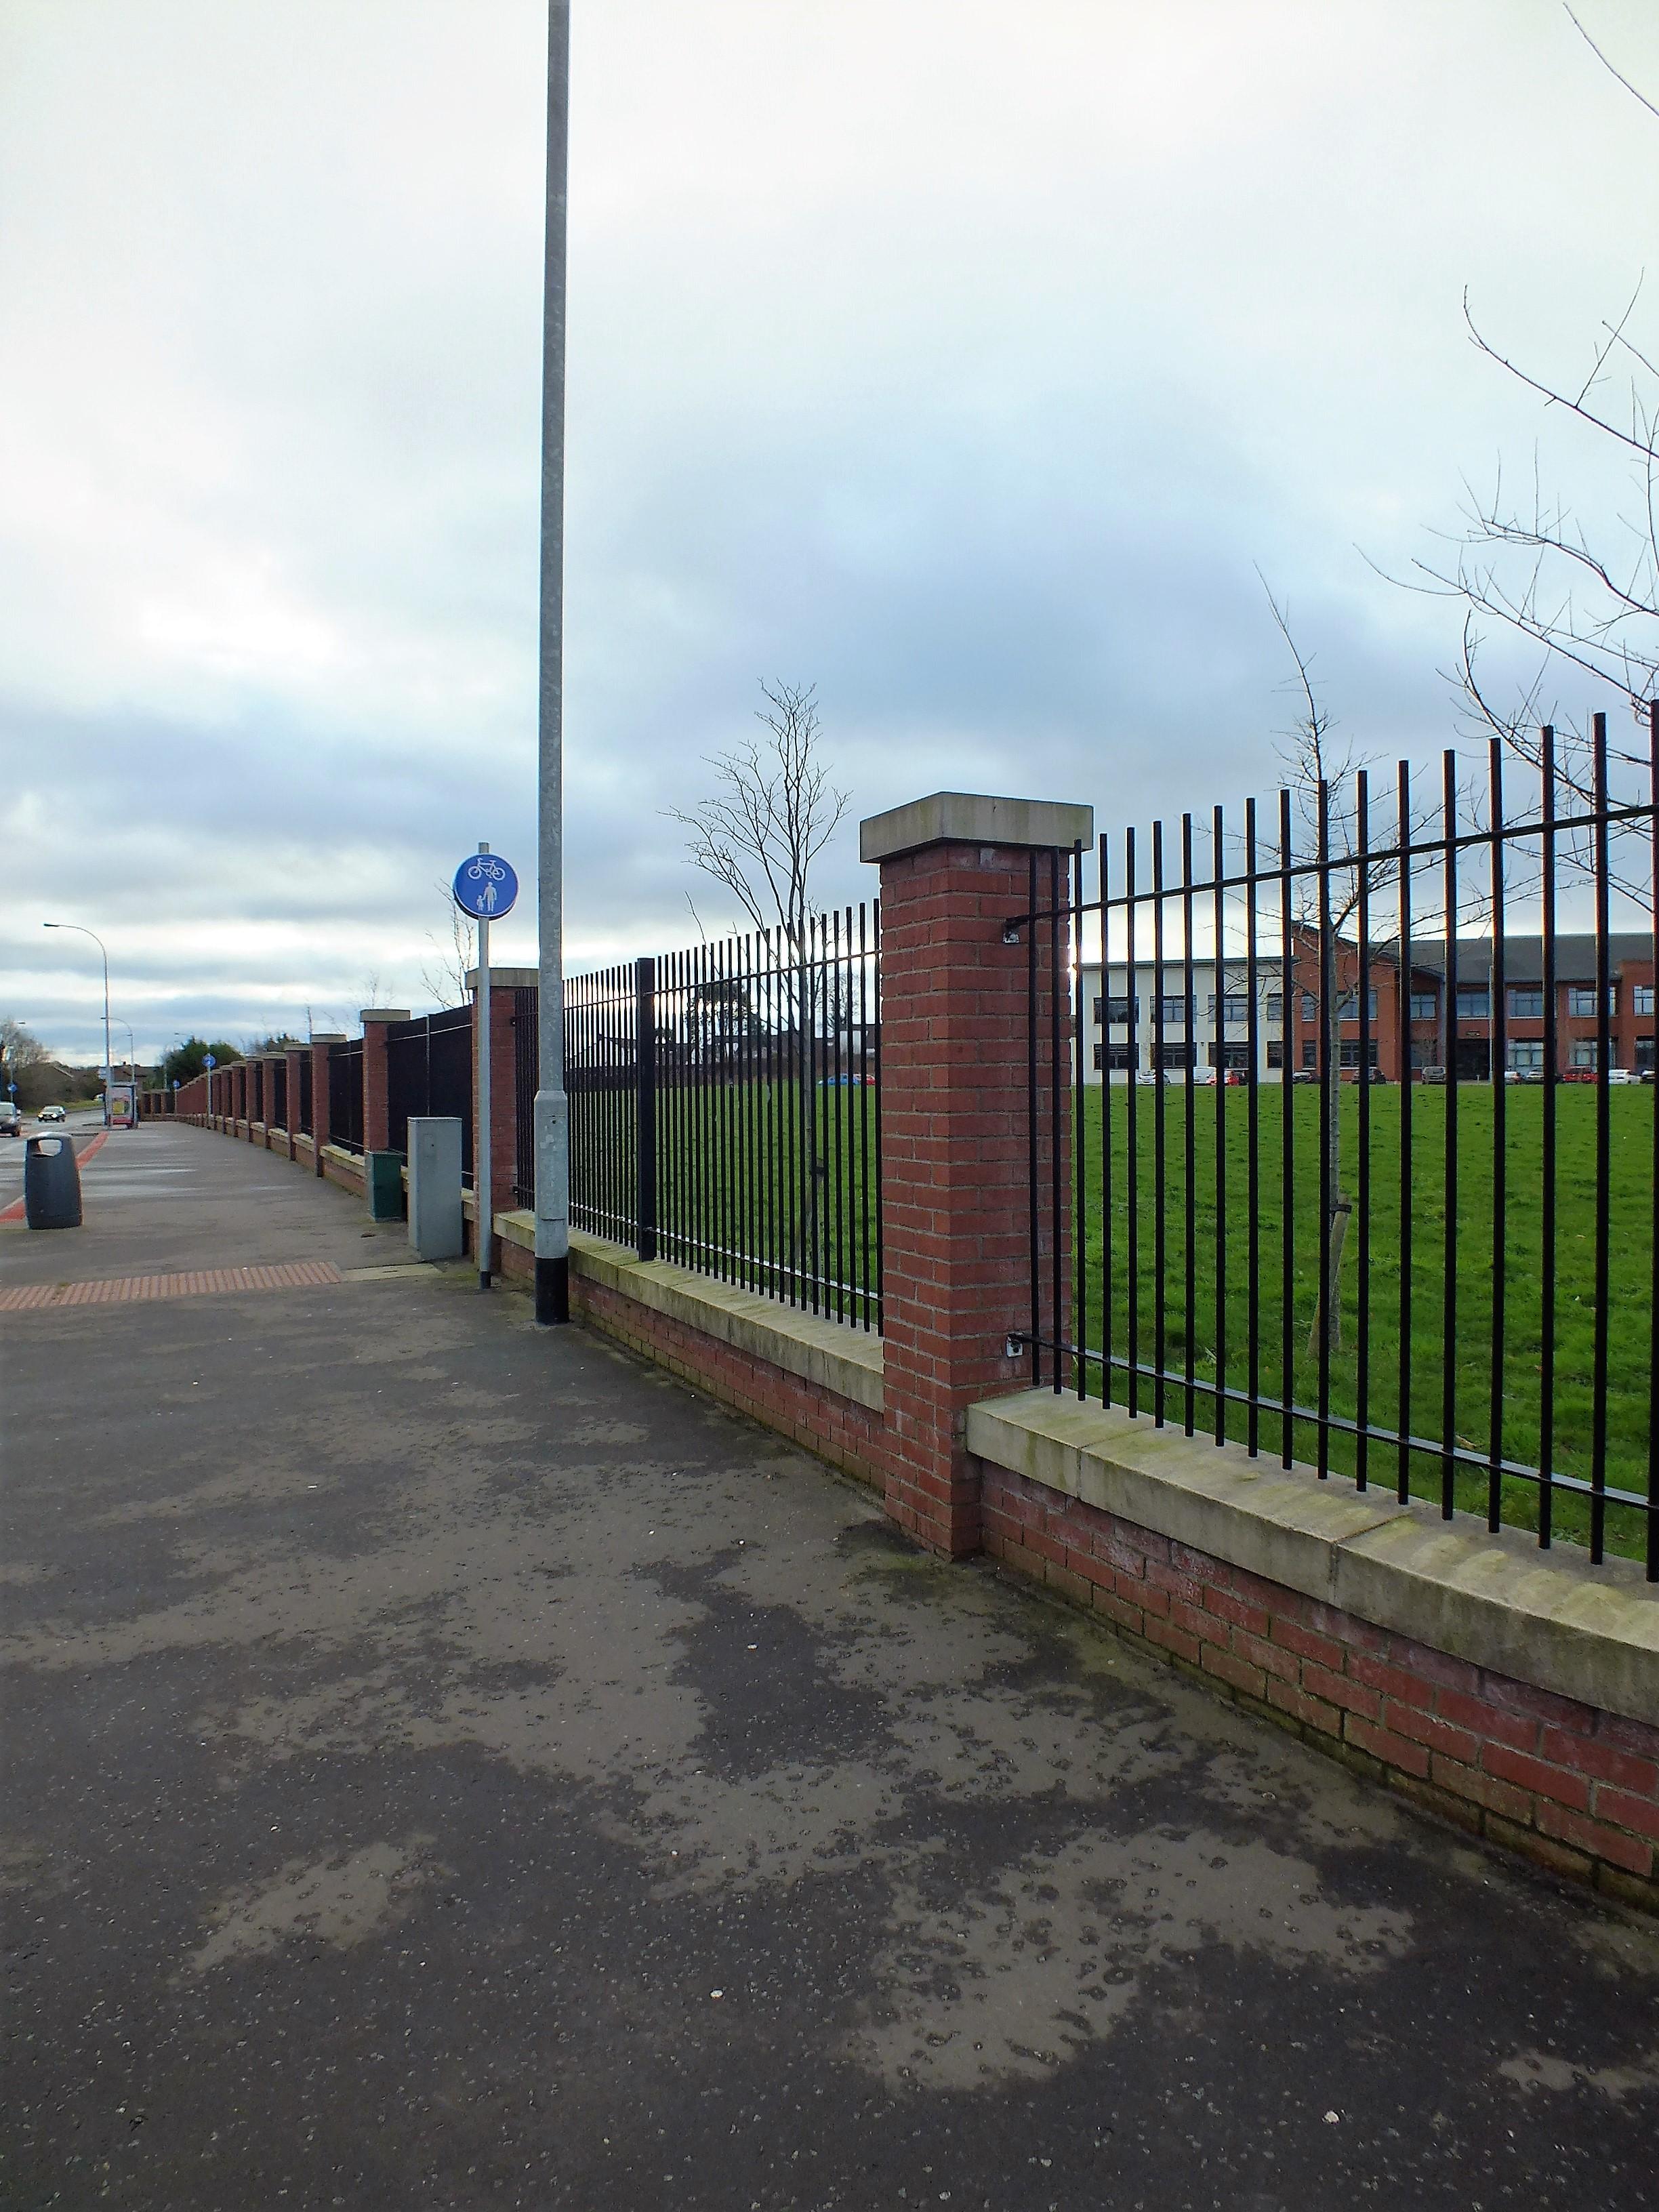 Boundary wall & railings